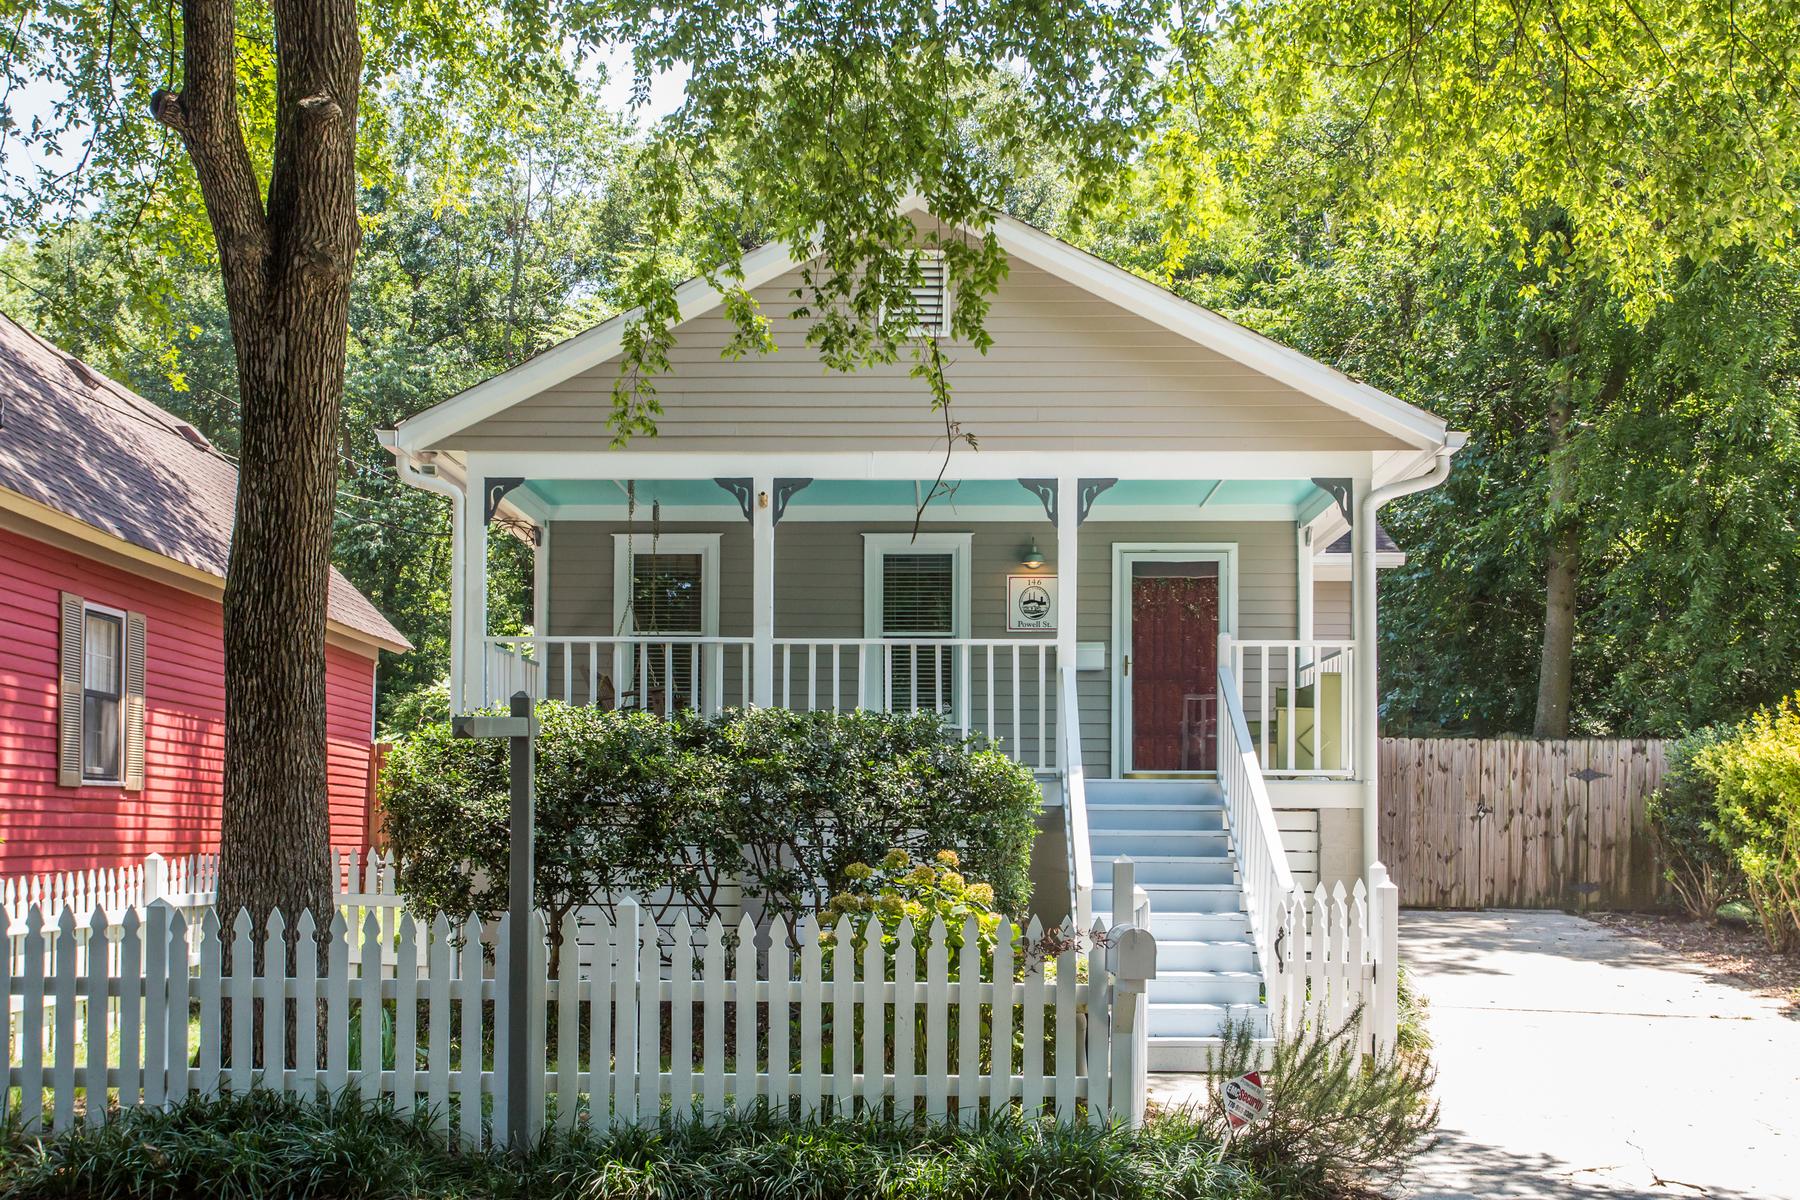 一戸建て のために 売買 アット Beautiful Bungalow in Historic Cabbagetown 146 Powell Street SE Atlanta, ジョージア, 30316 アメリカ合衆国